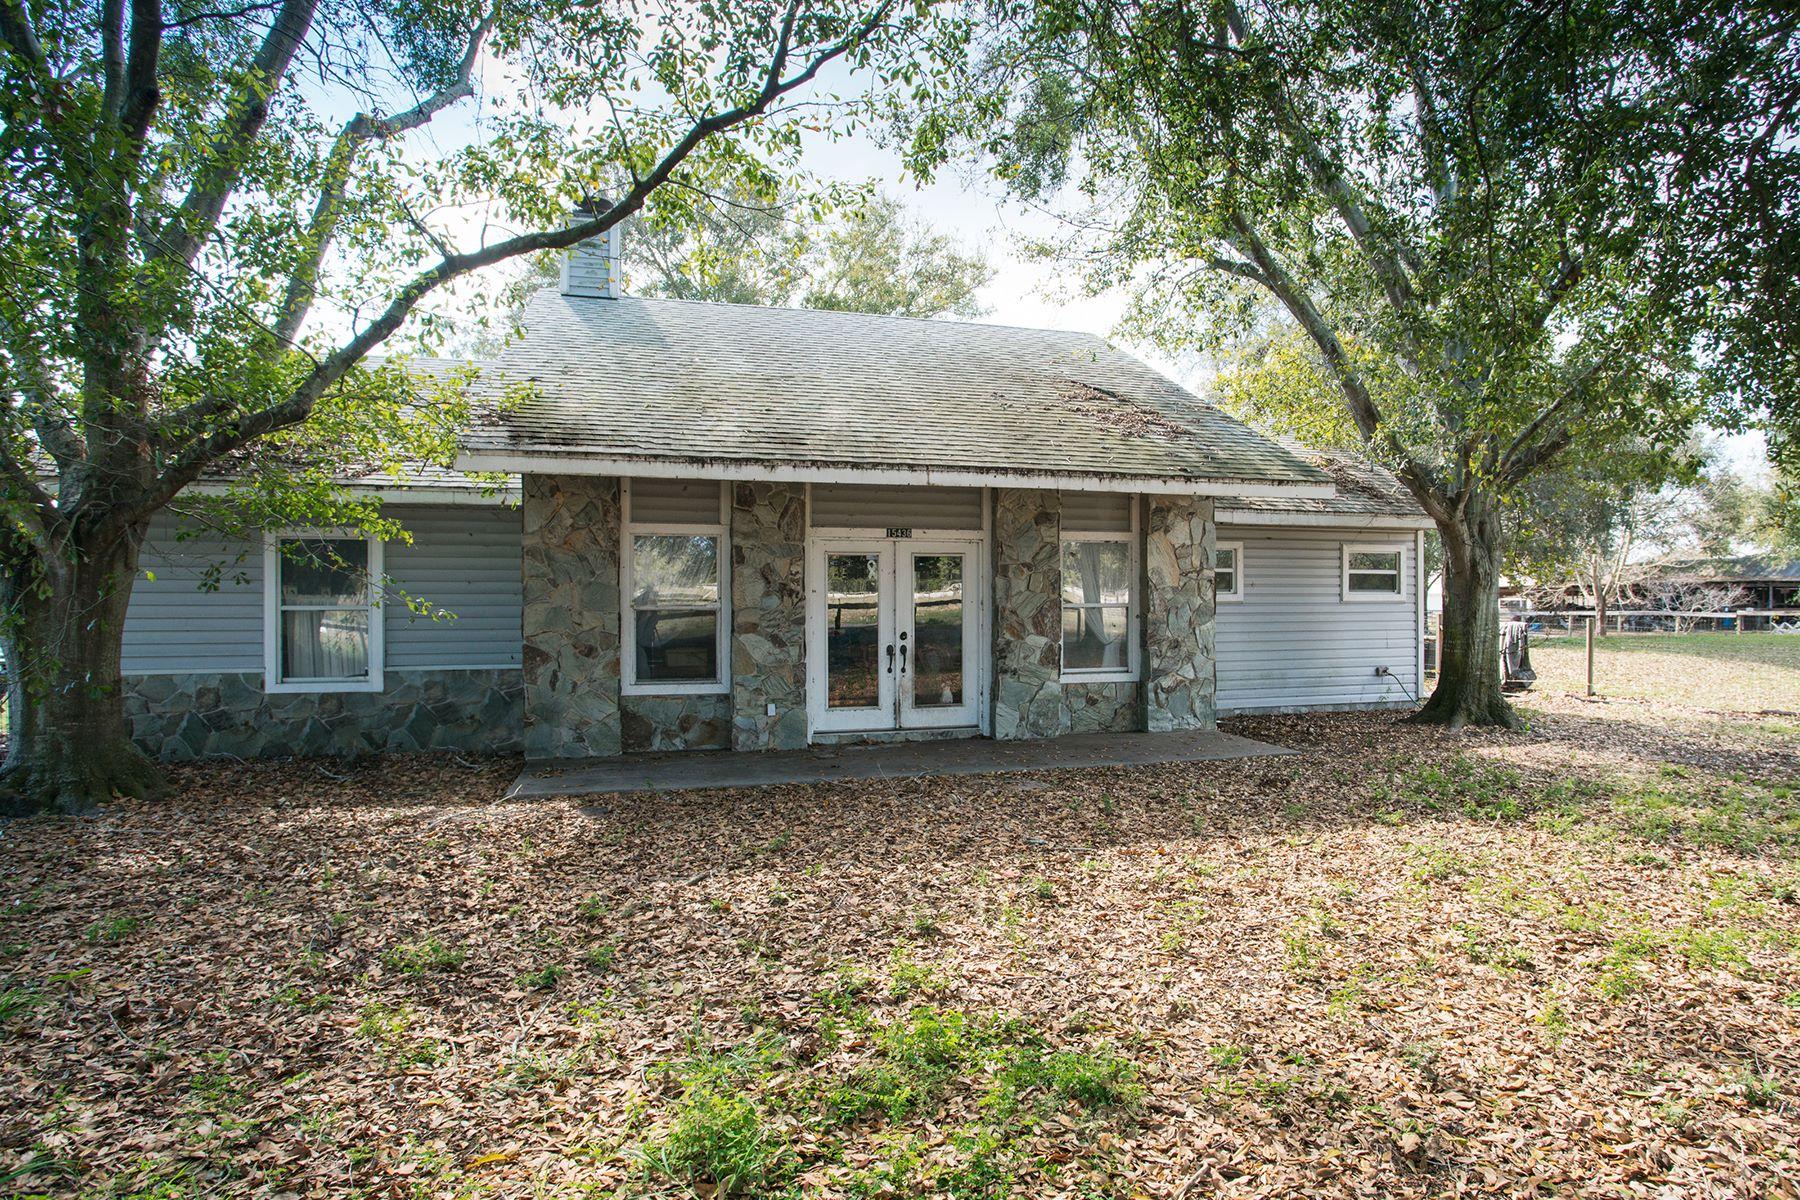 Maison unifamiliale pour l Vente à ORLANDO - ASTATULA 15436 County Road 48 Astatula, Florida, 34705 États-Unis